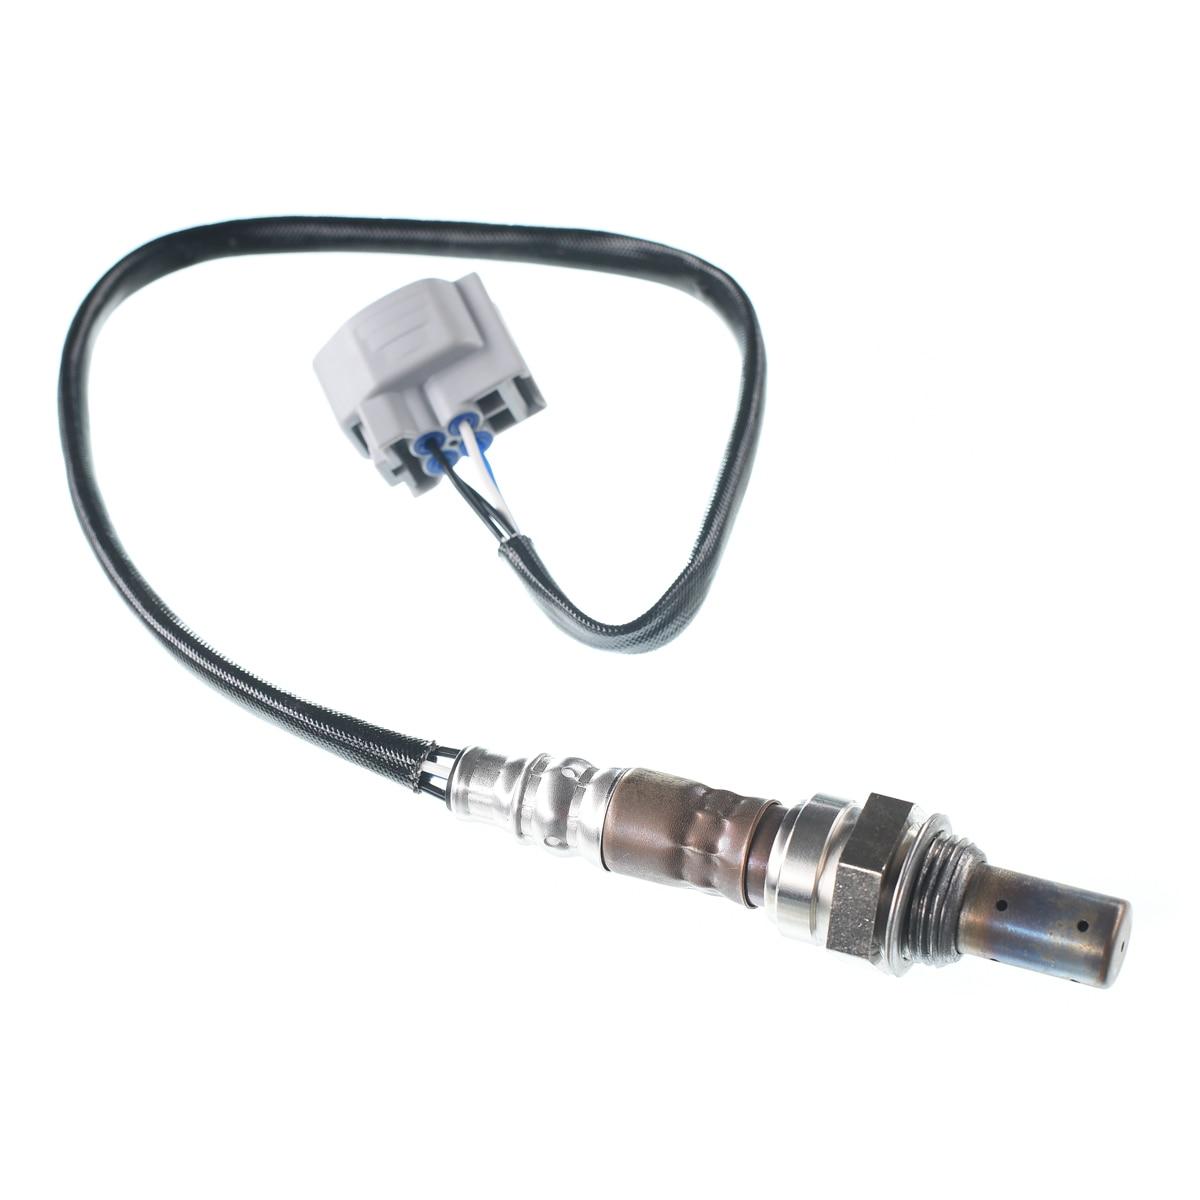 US $49 99 |Air Fuel Ratio Oxygen Sensor for Jaguar Vanden Plas XJ8 XJR XK8  1999 2000 2001 2002 2003 Upstream LNE1684BB 25054053-in Exhaust Gas Oxygen